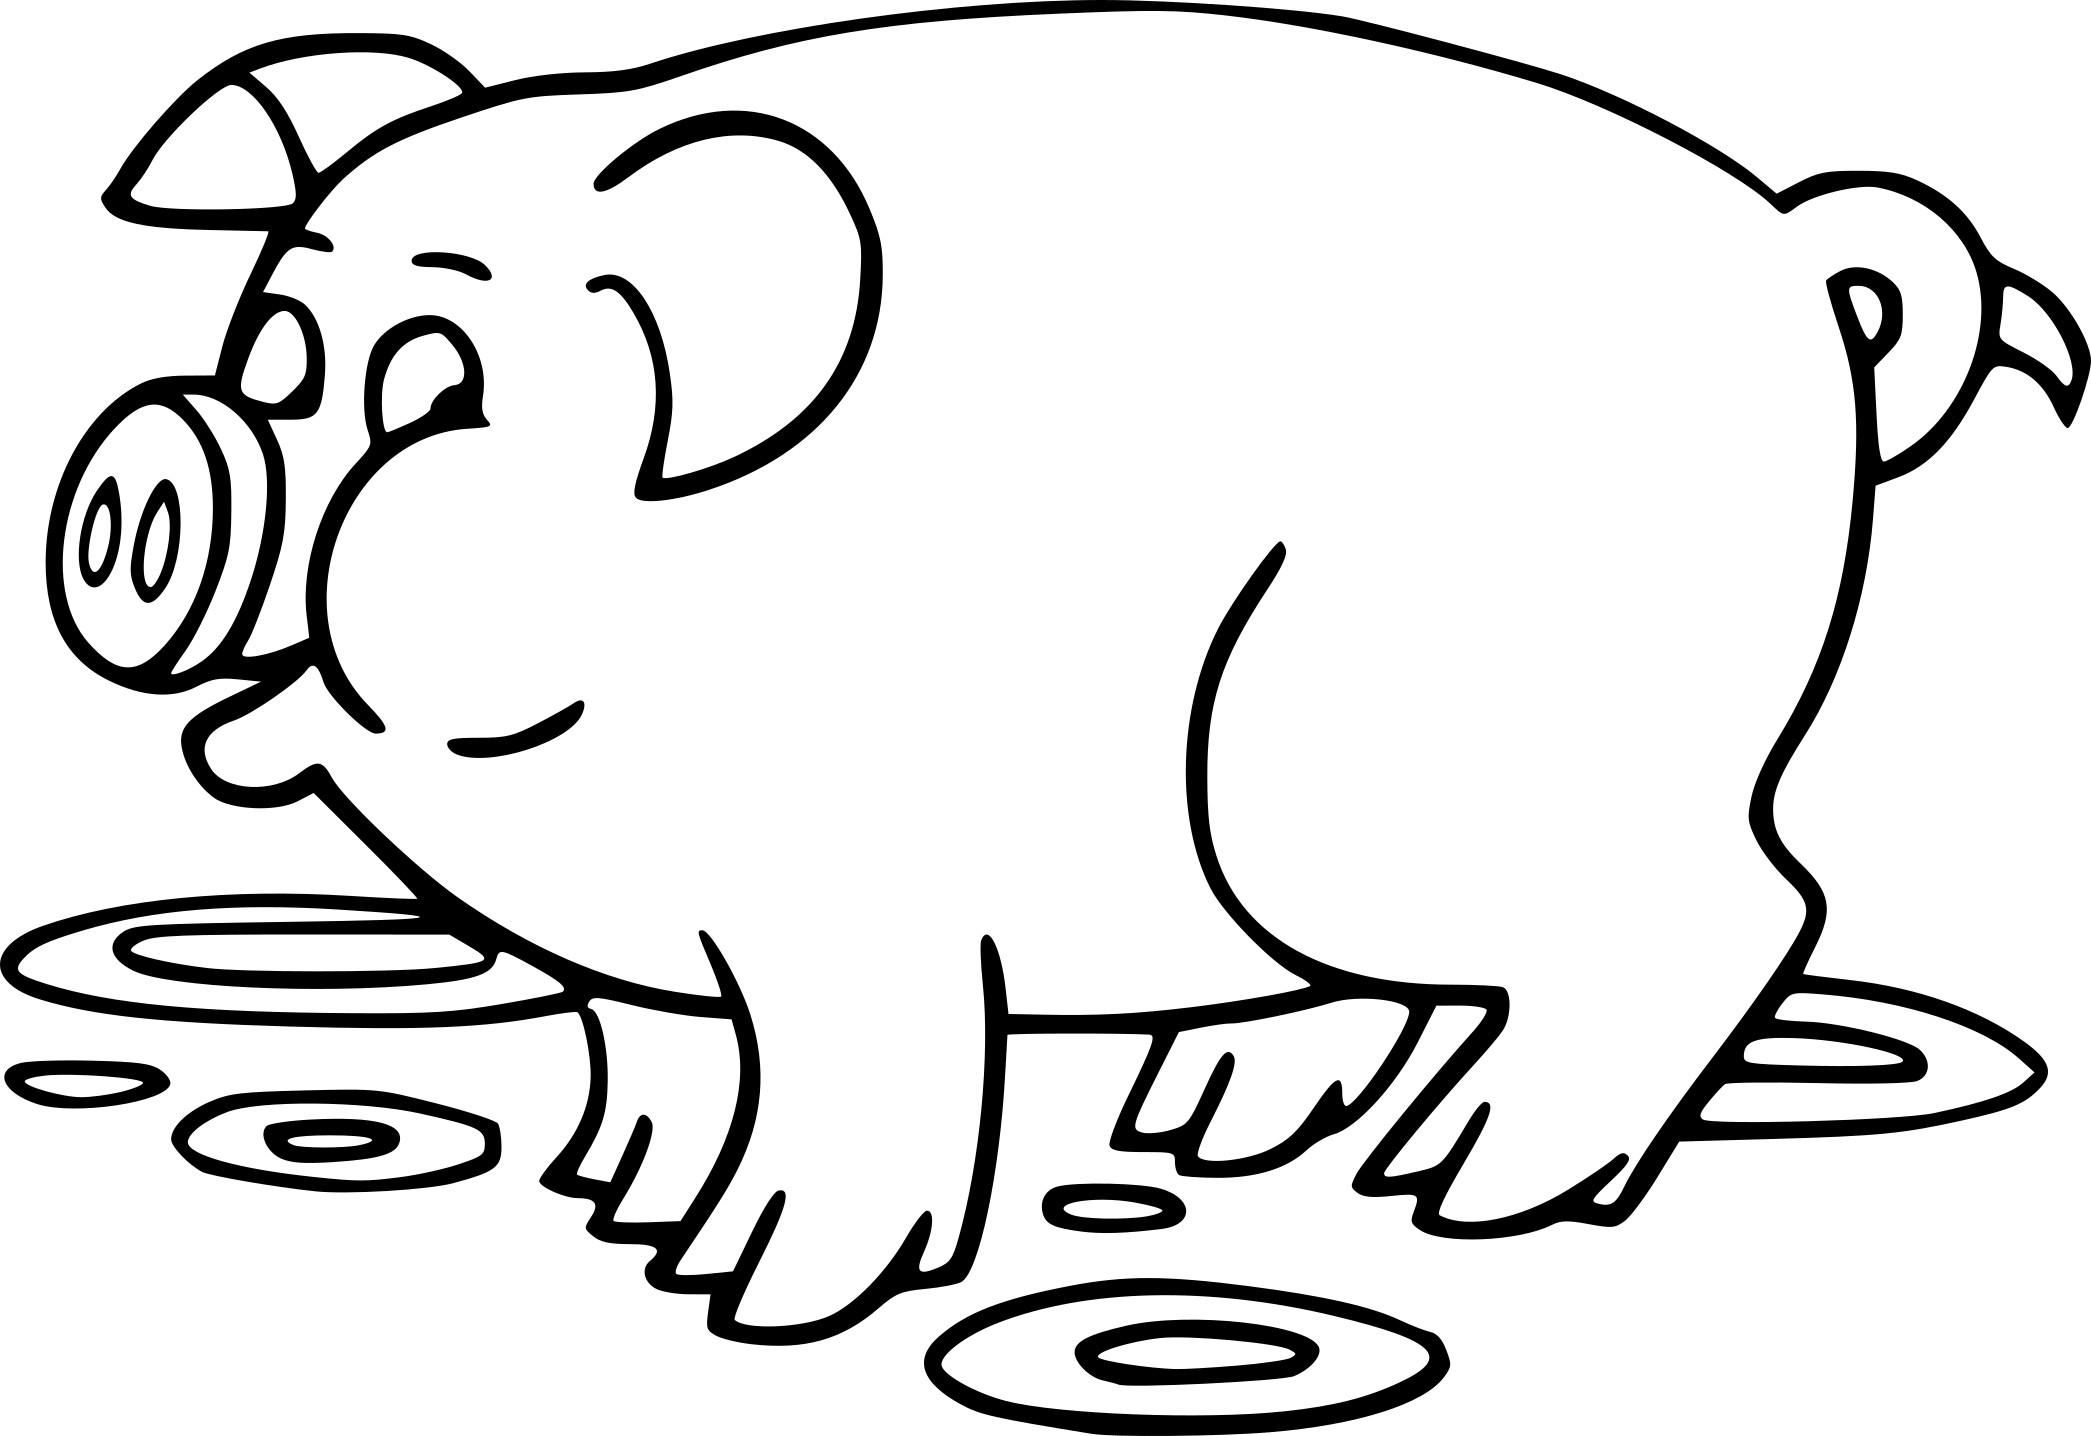 Coloriage Cochon Dessin À Imprimer Sur Coloriages à Dessin À Colorier Cochon